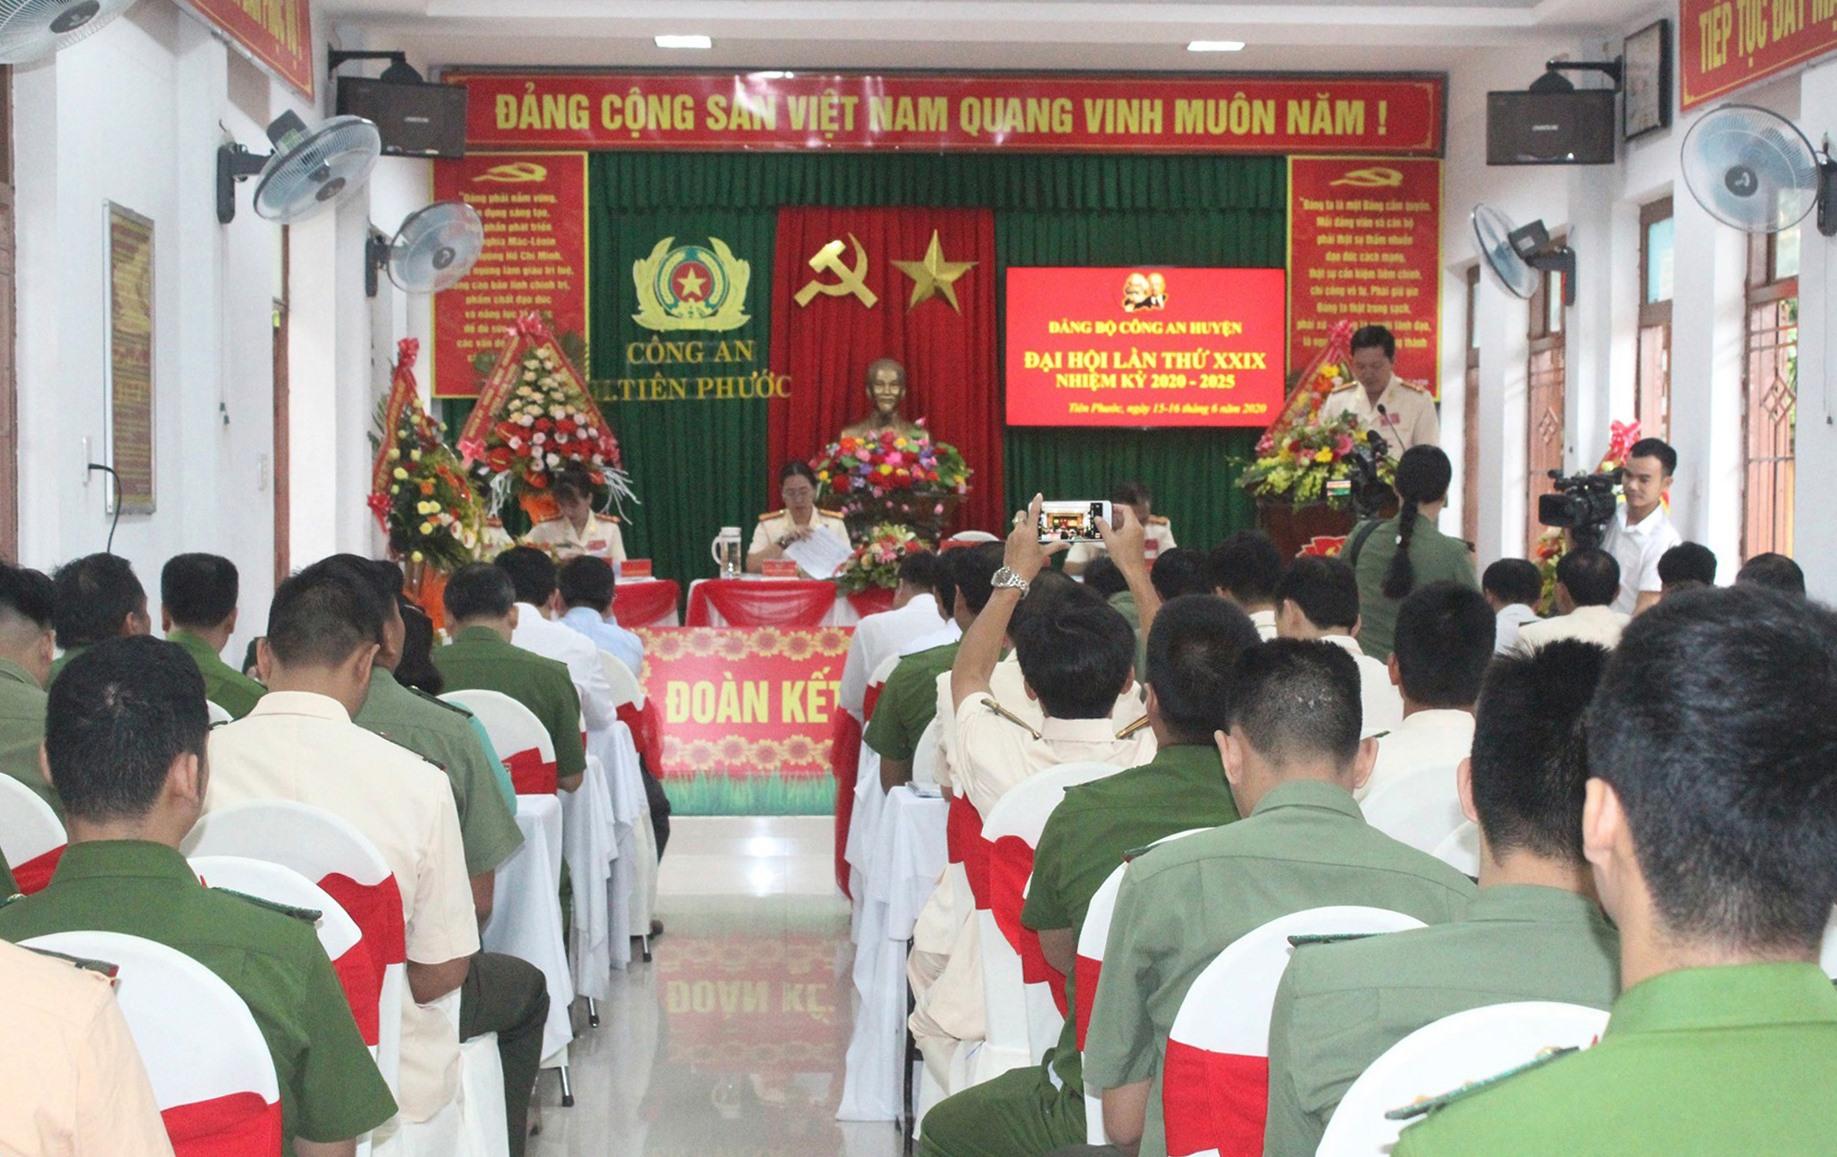 Đại hội Đảng bộ Công an huyện Tiên Phước lần thứ XXIX (nhiệm kỳ 2020 - 2025). Ảnh: D.L